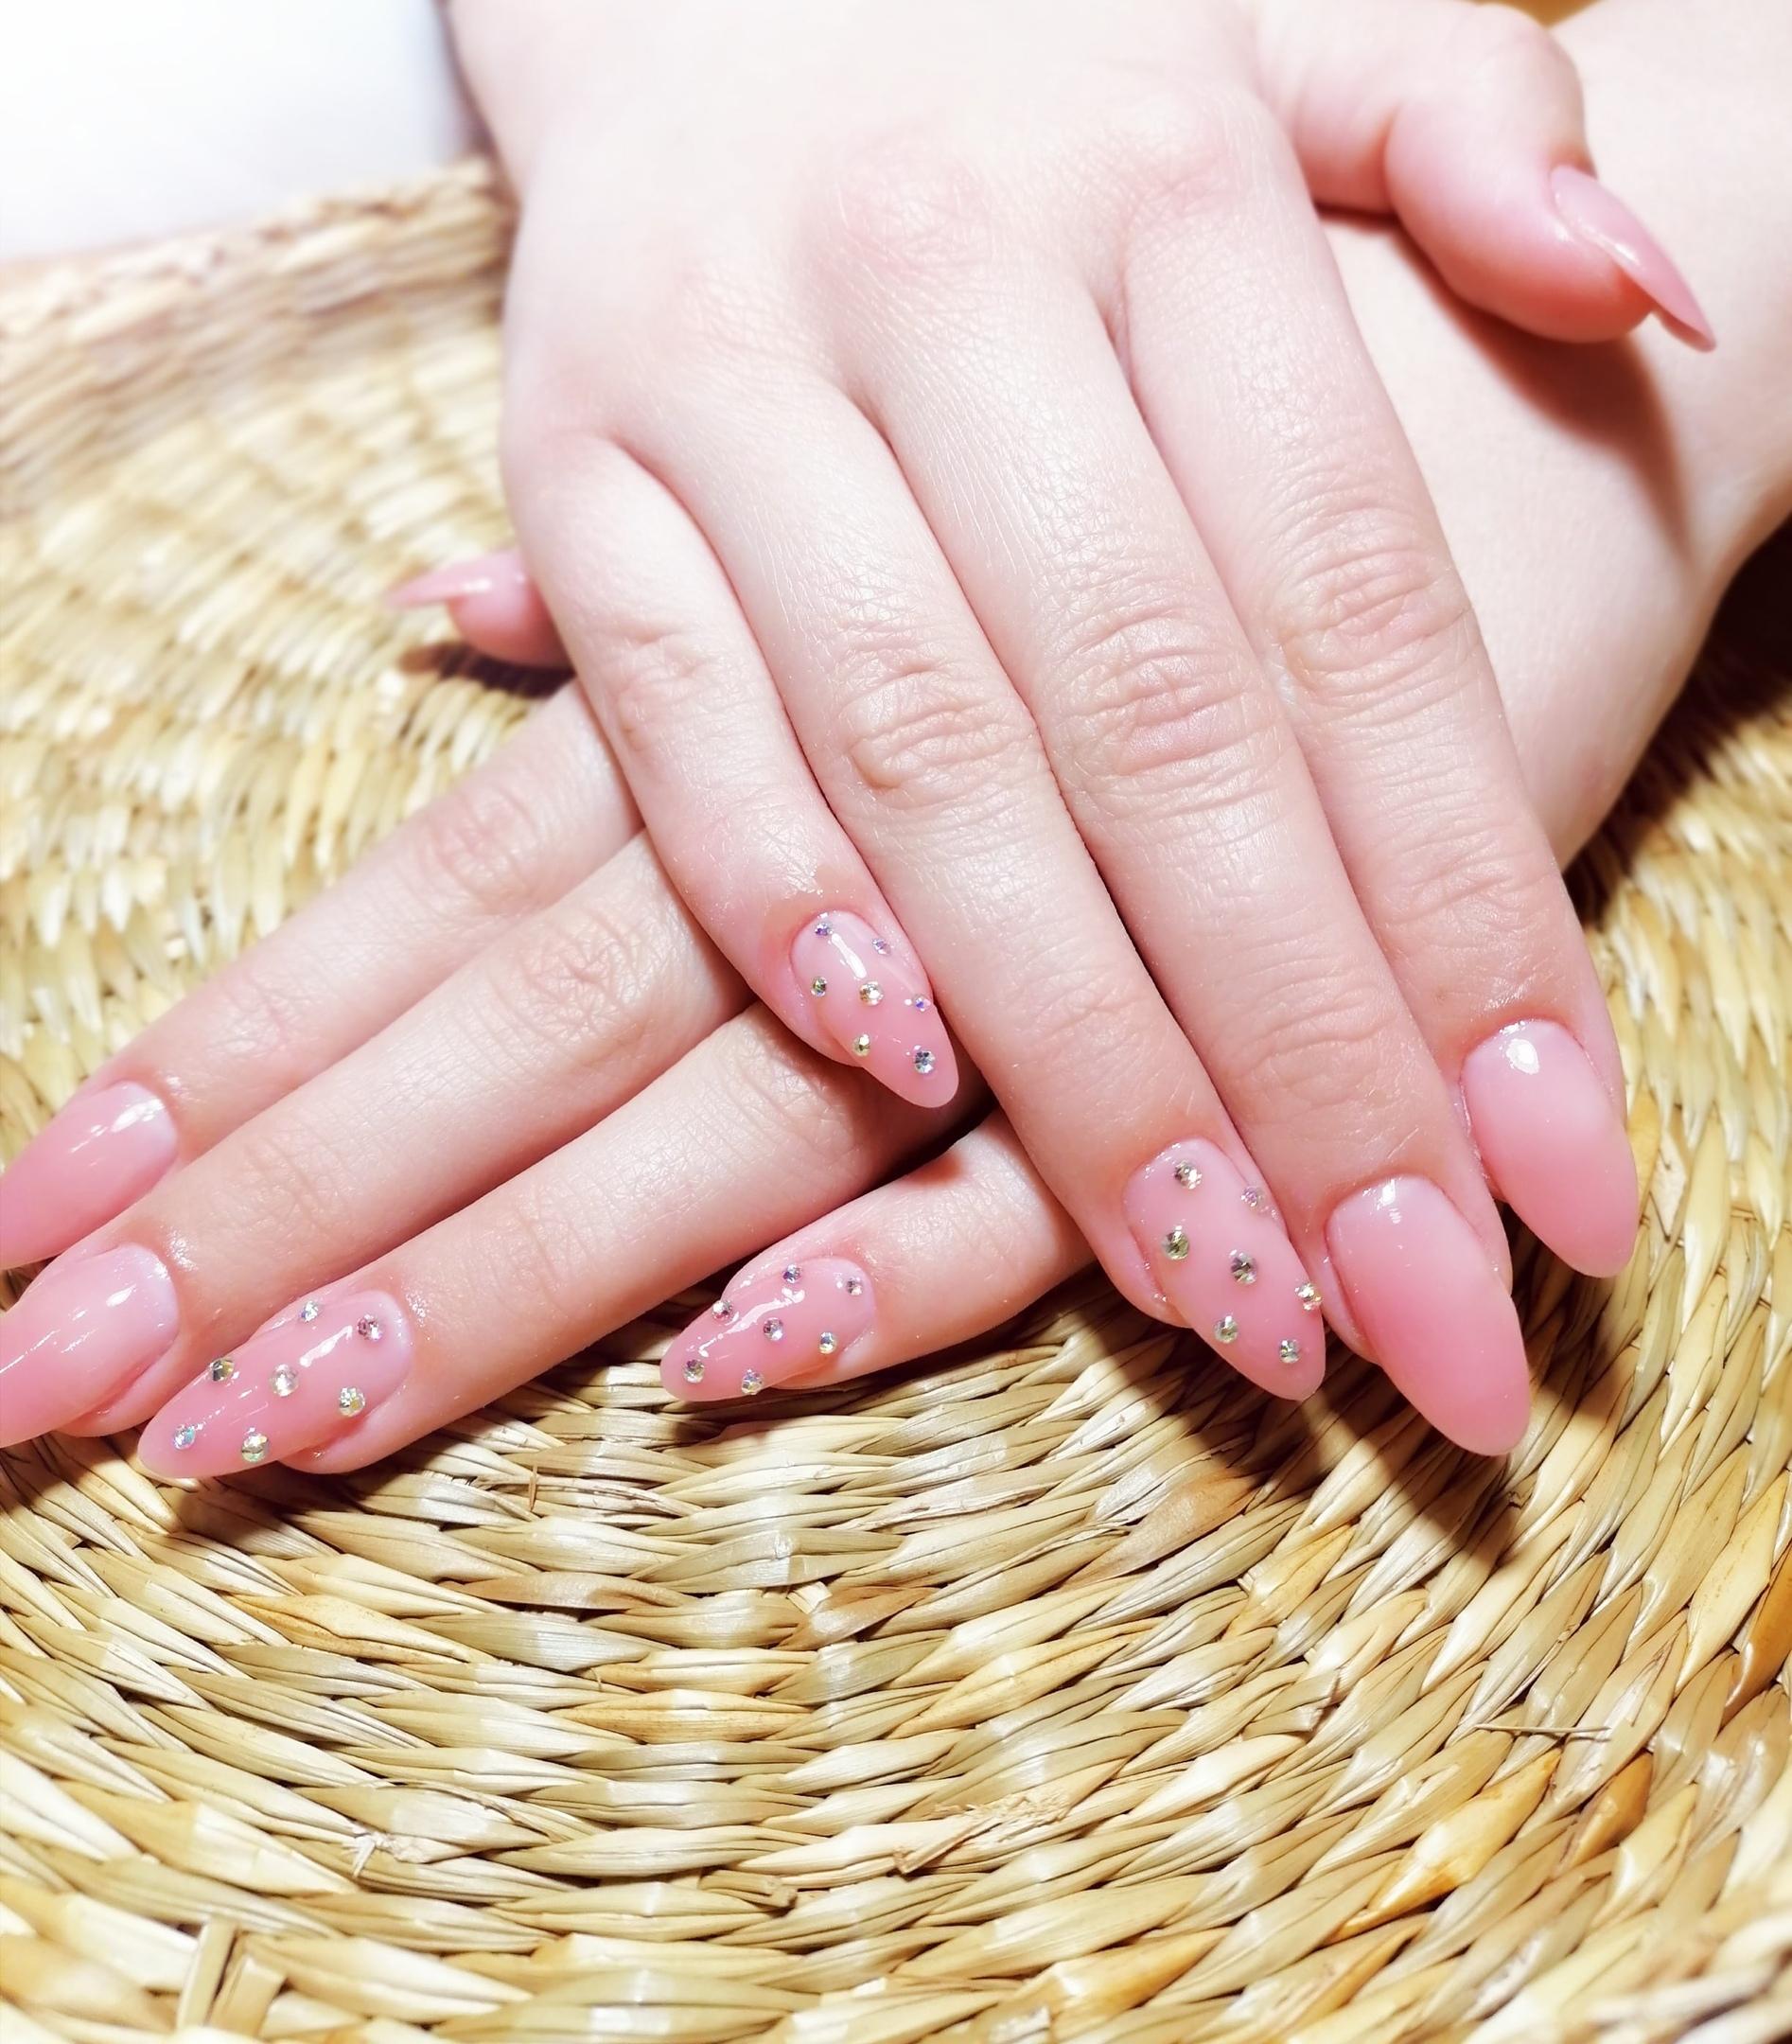 Маникюр со стразами в розовом цвете.